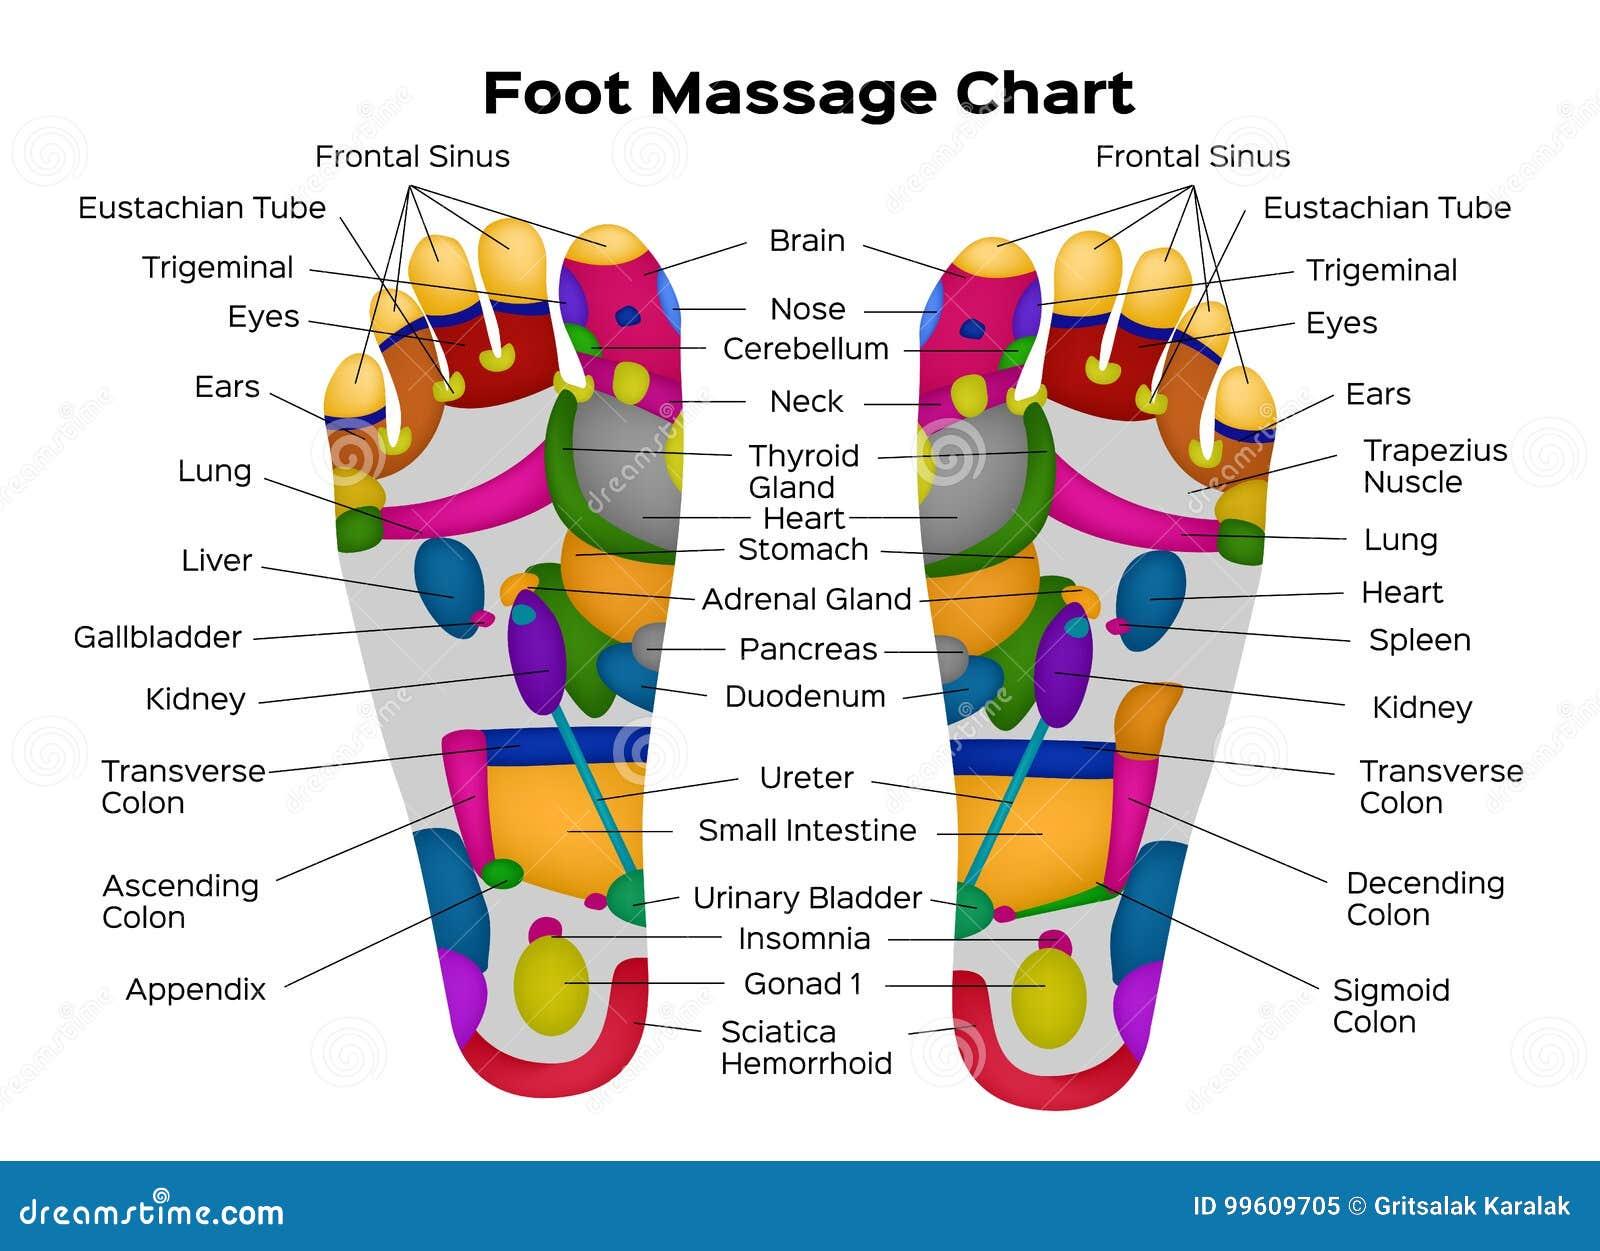 De grafiek van voetreflexology met beschrijving van de interne organen en de lichaamsdelen Vector illustratie anatomie